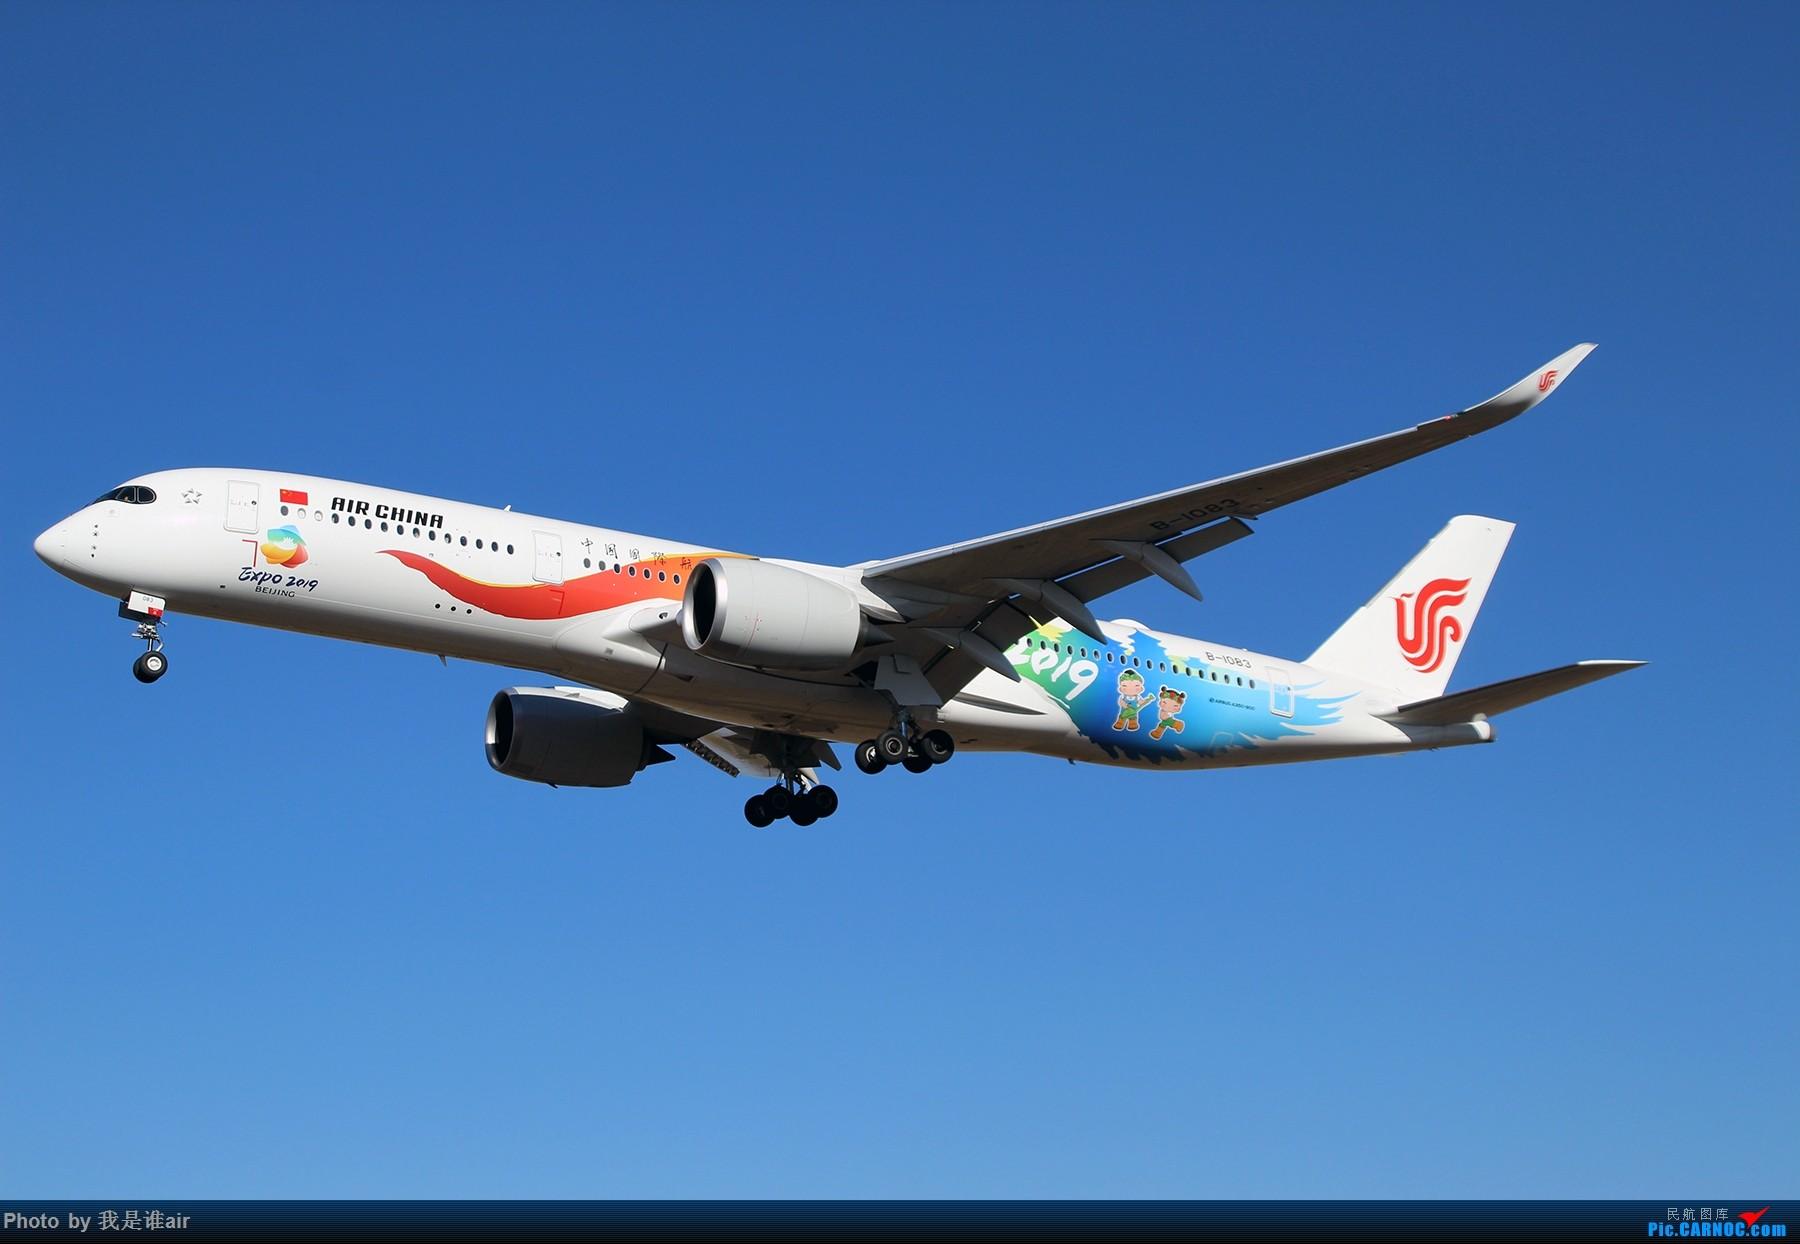 [原创]B-1083国航359世园彩绘鄂尔多斯本场训练 AIRBUS A350-900 B-1083 中国鄂尔多斯伊金霍洛机场